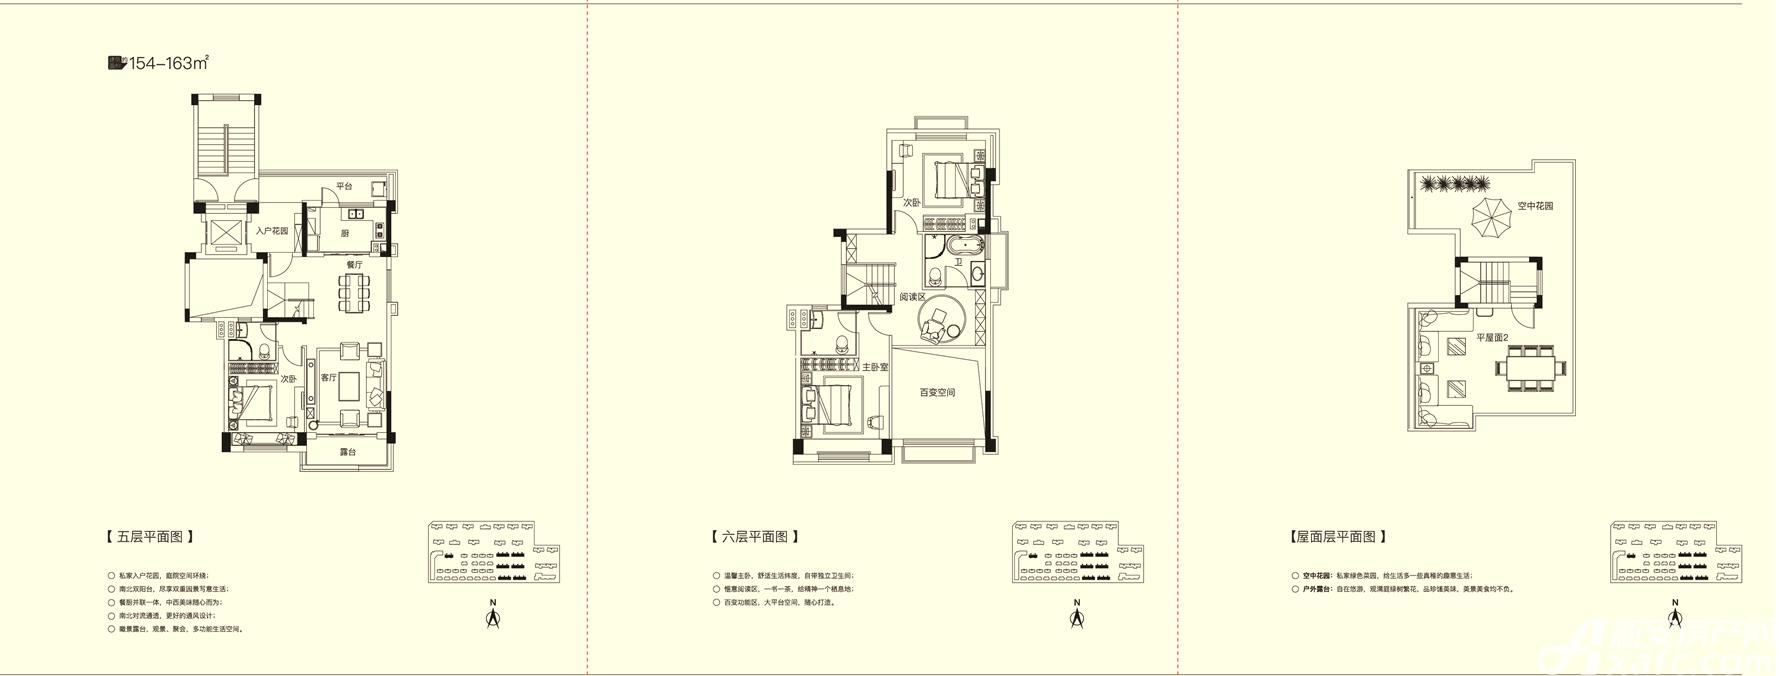 碧桂园仕府公馆154-163上4室2厅163平米